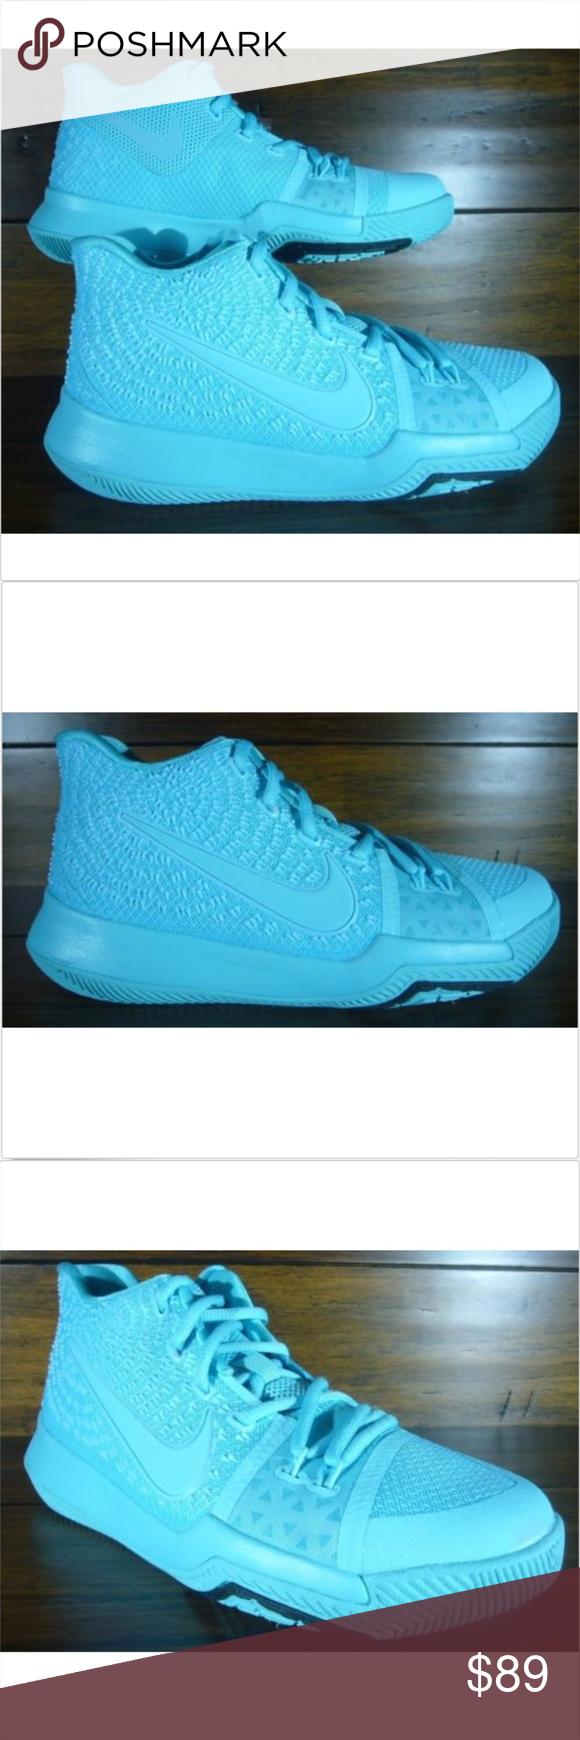 38844b008d81 Nike Kyrie 3 GS Aqua Basketball Shoes Grade School Nike Kyrie 3 GS Aqua  Basketball Shoes